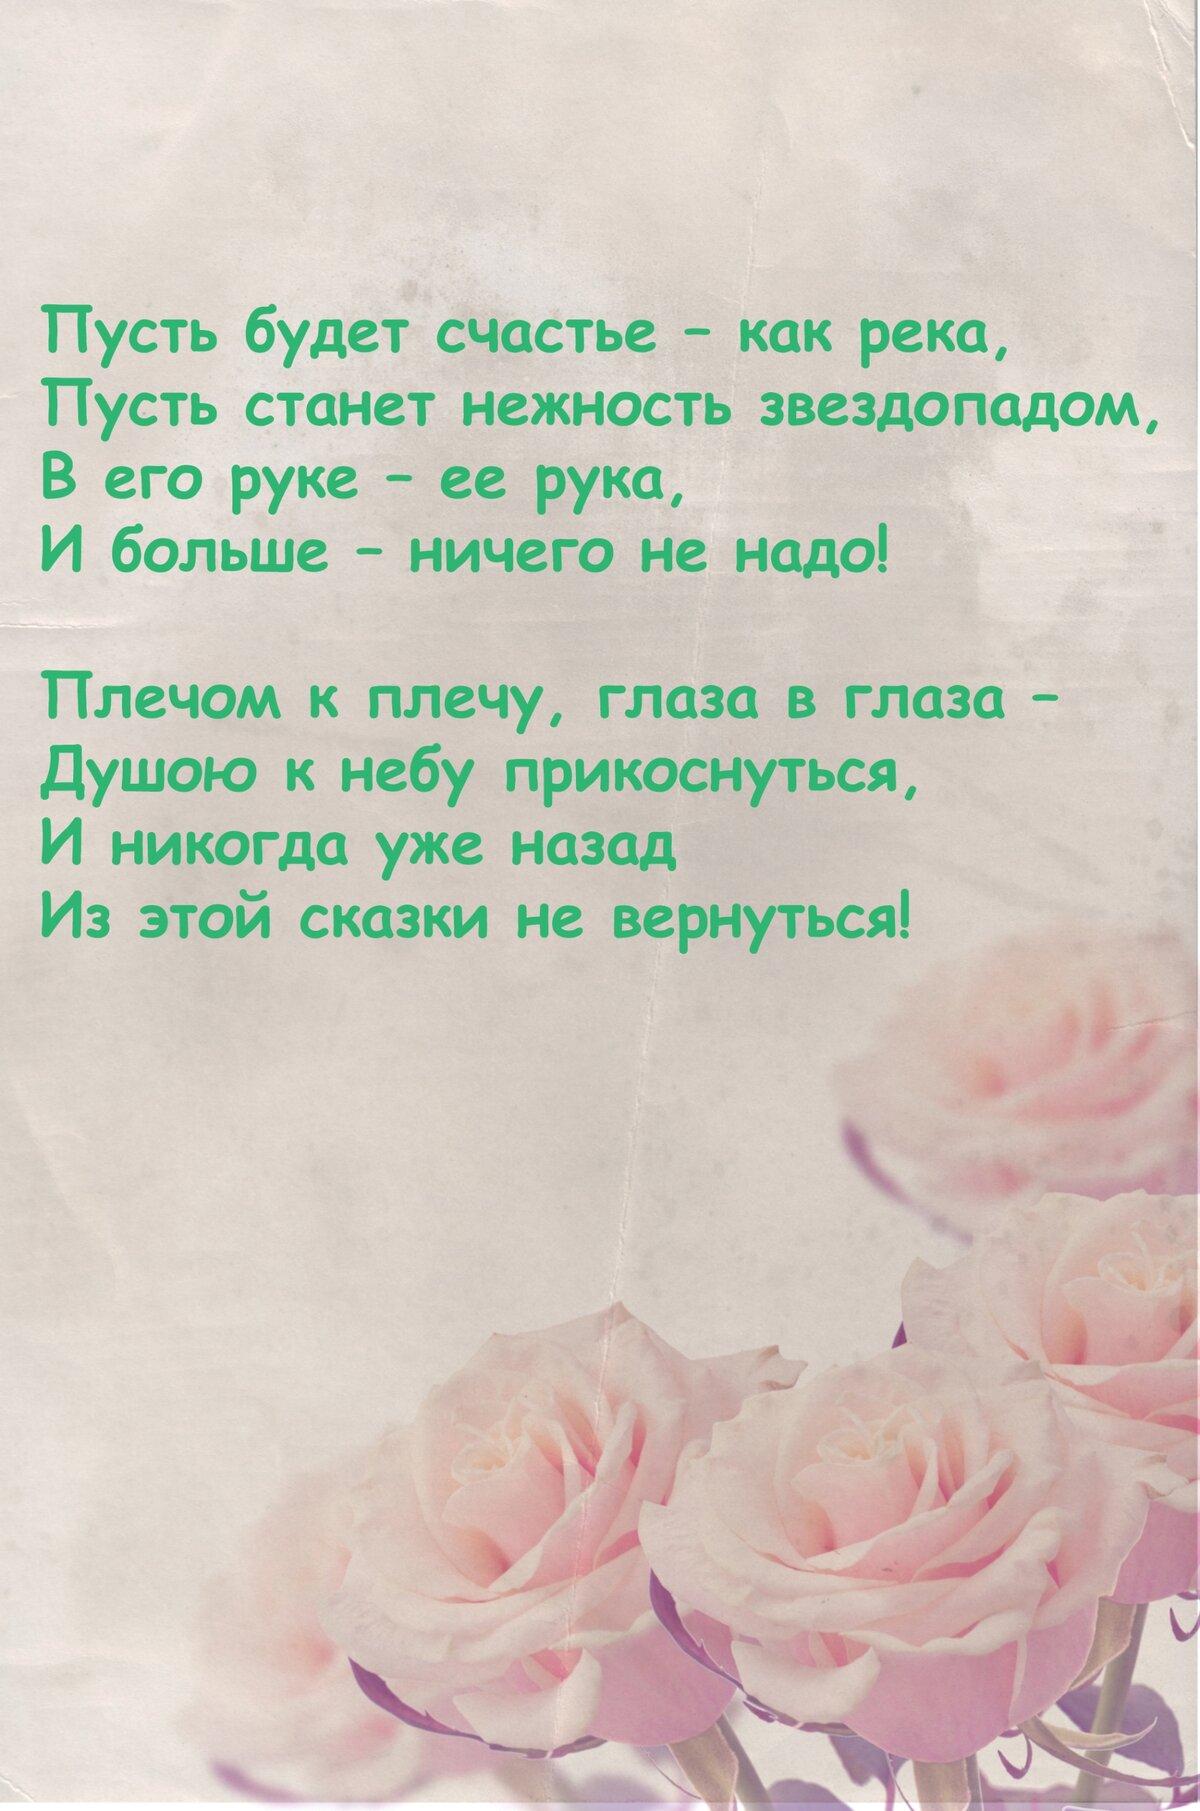 Текст поздравления с днем свадьбы на открытку своими руками, днем